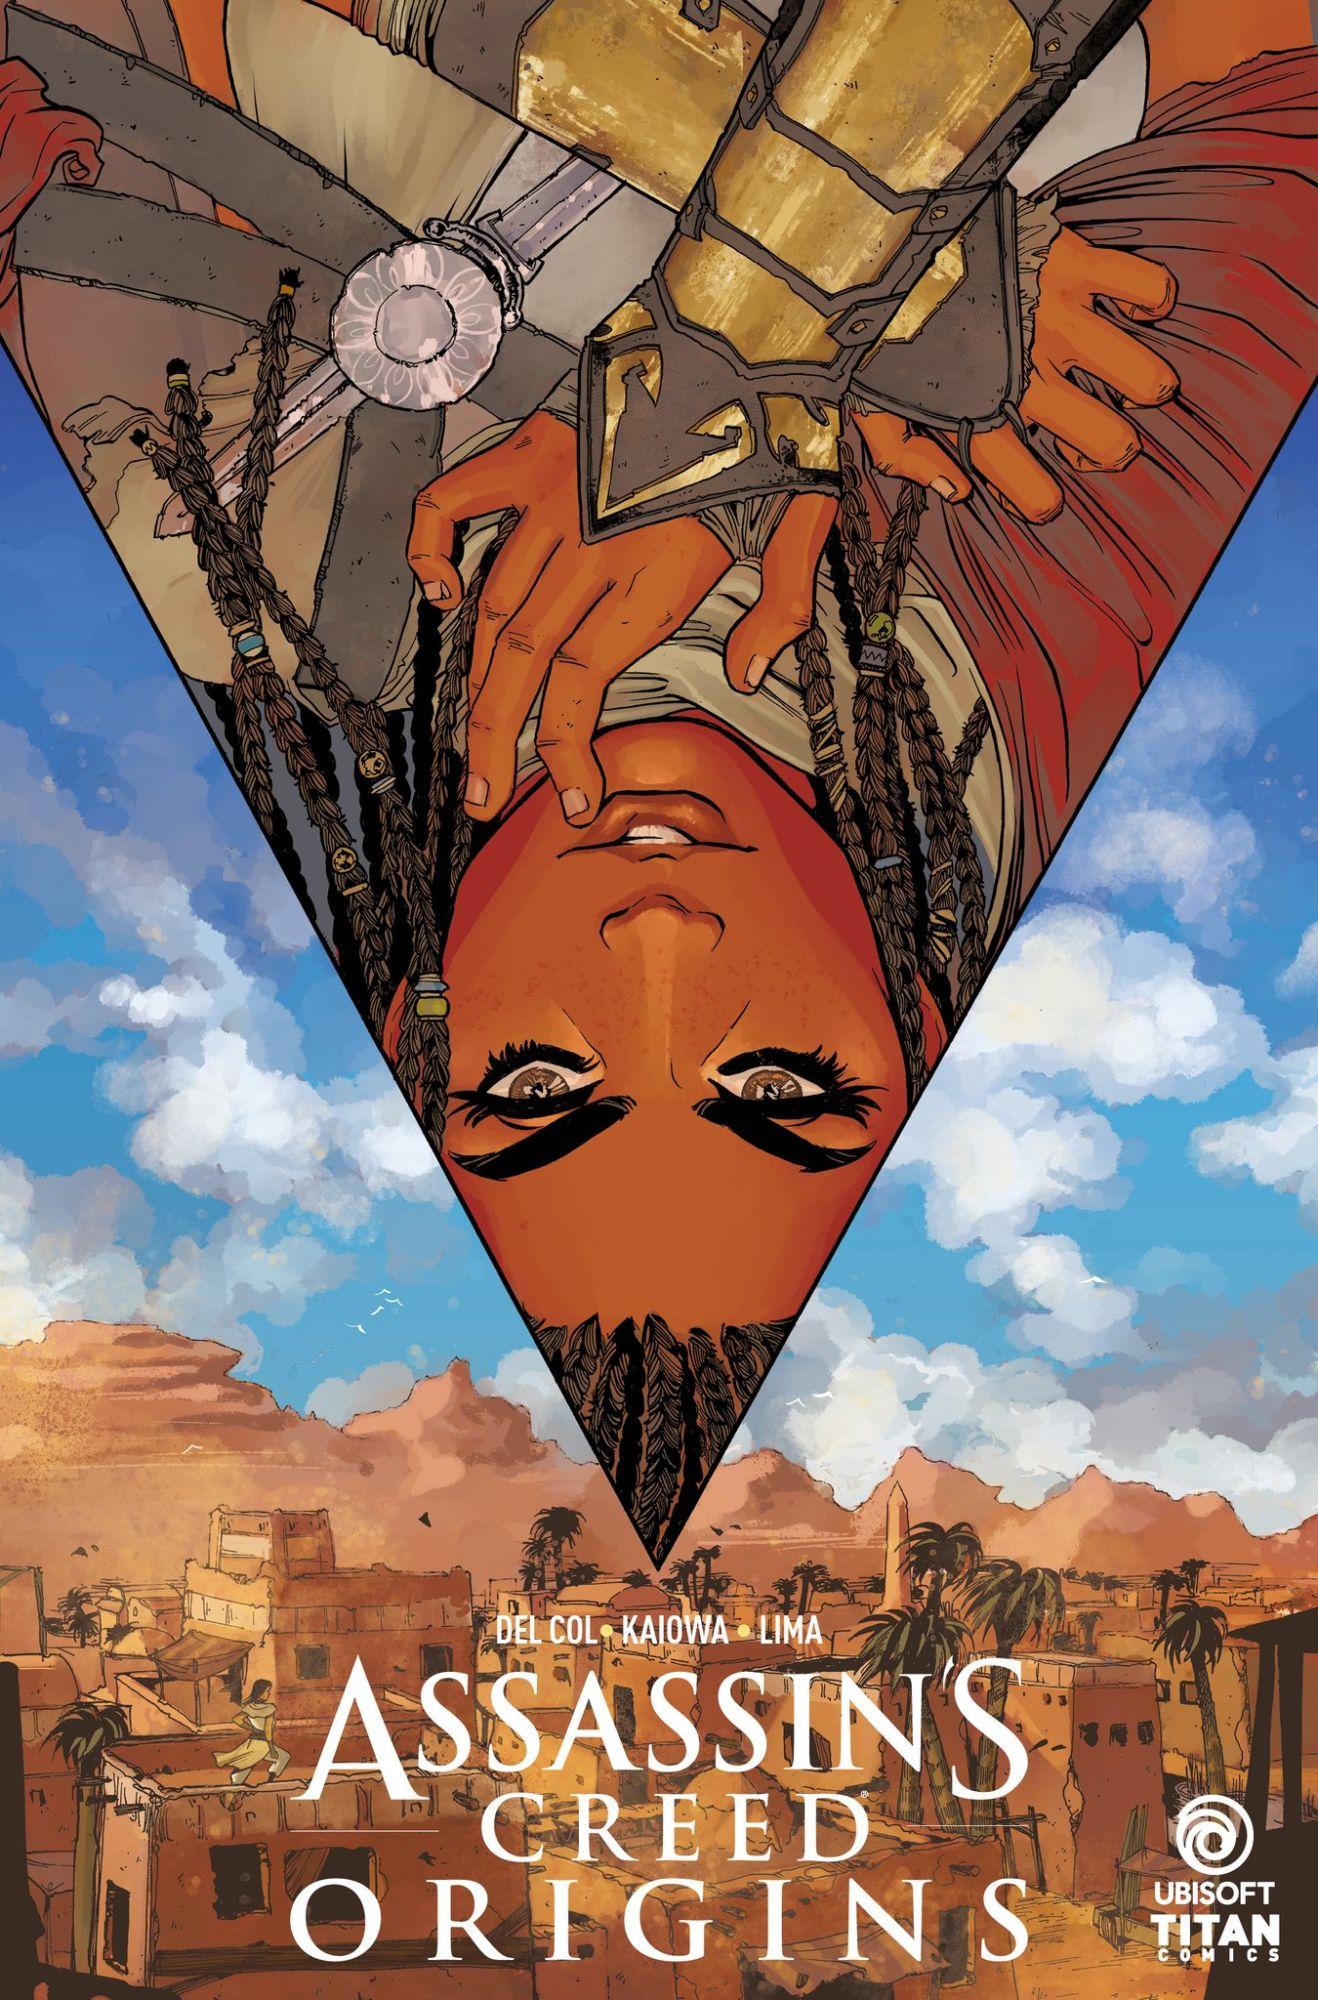 Assassins-Creed-Origins-1-Cover-C-Sanya-Anwar.jpg